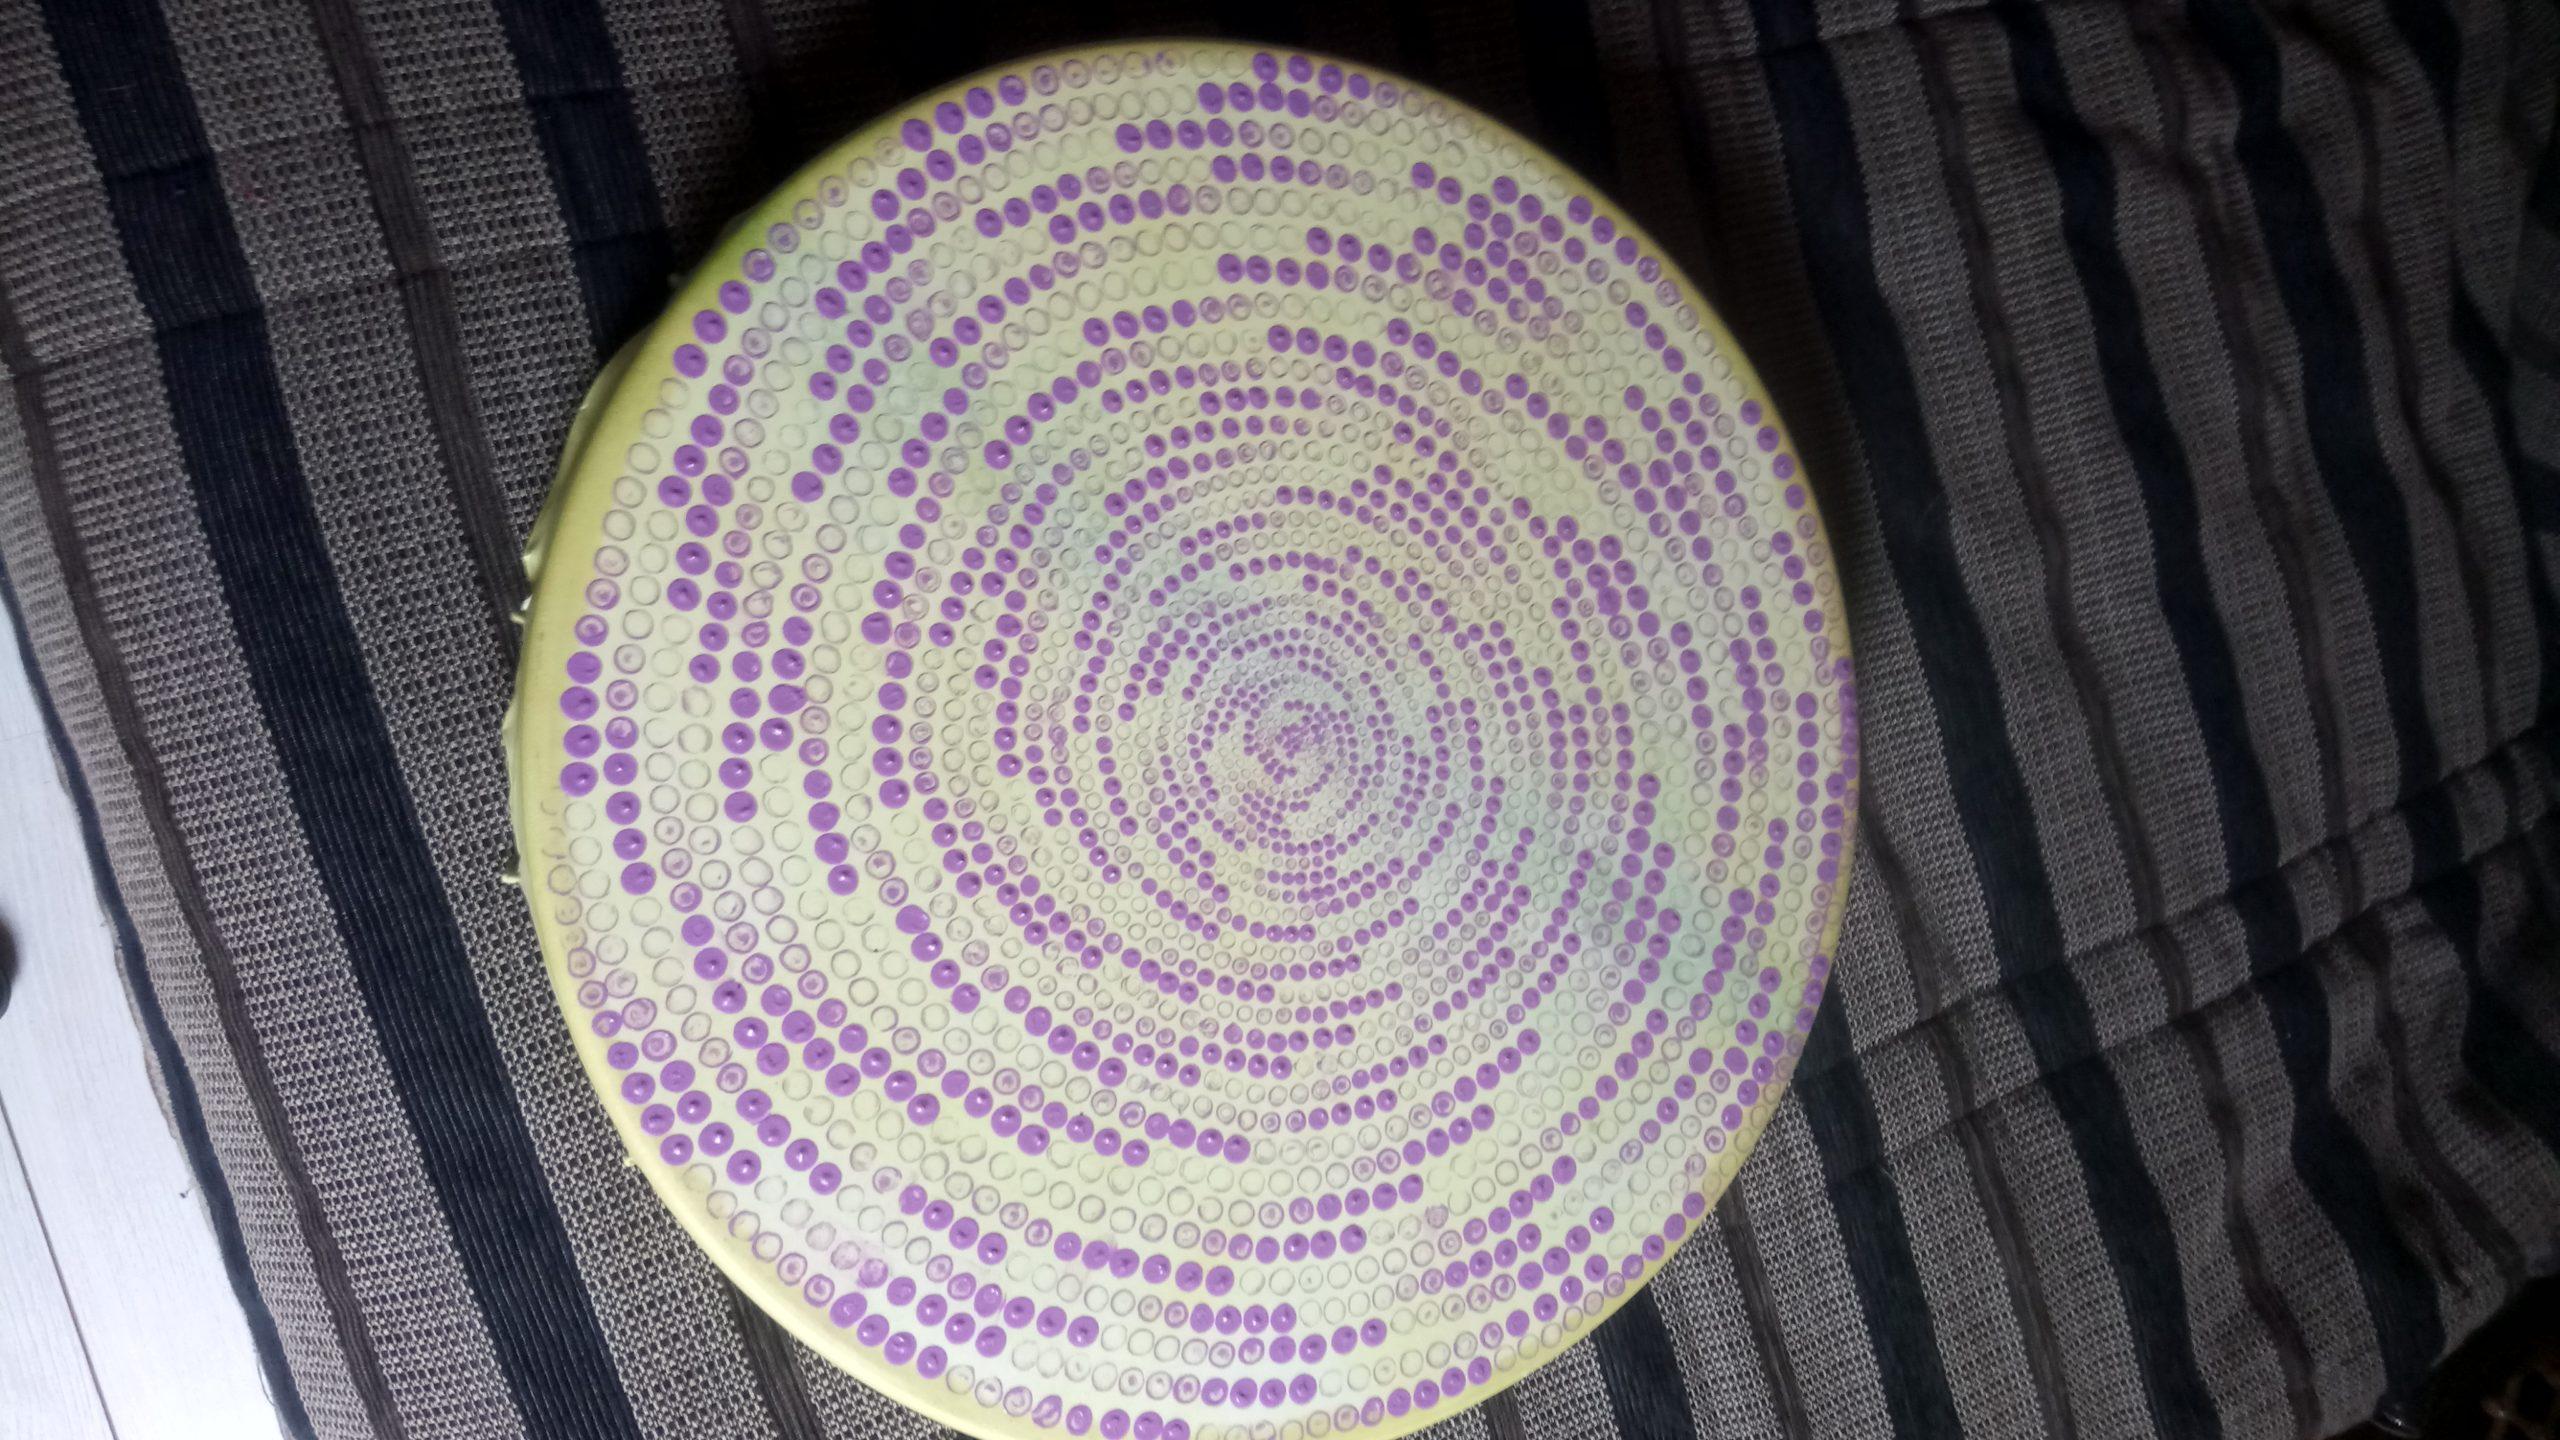 TAMBOUR SPIRALE DSC 0234 scaled - TAMBOUR CHAMANIQUE de 50cm de diamètre